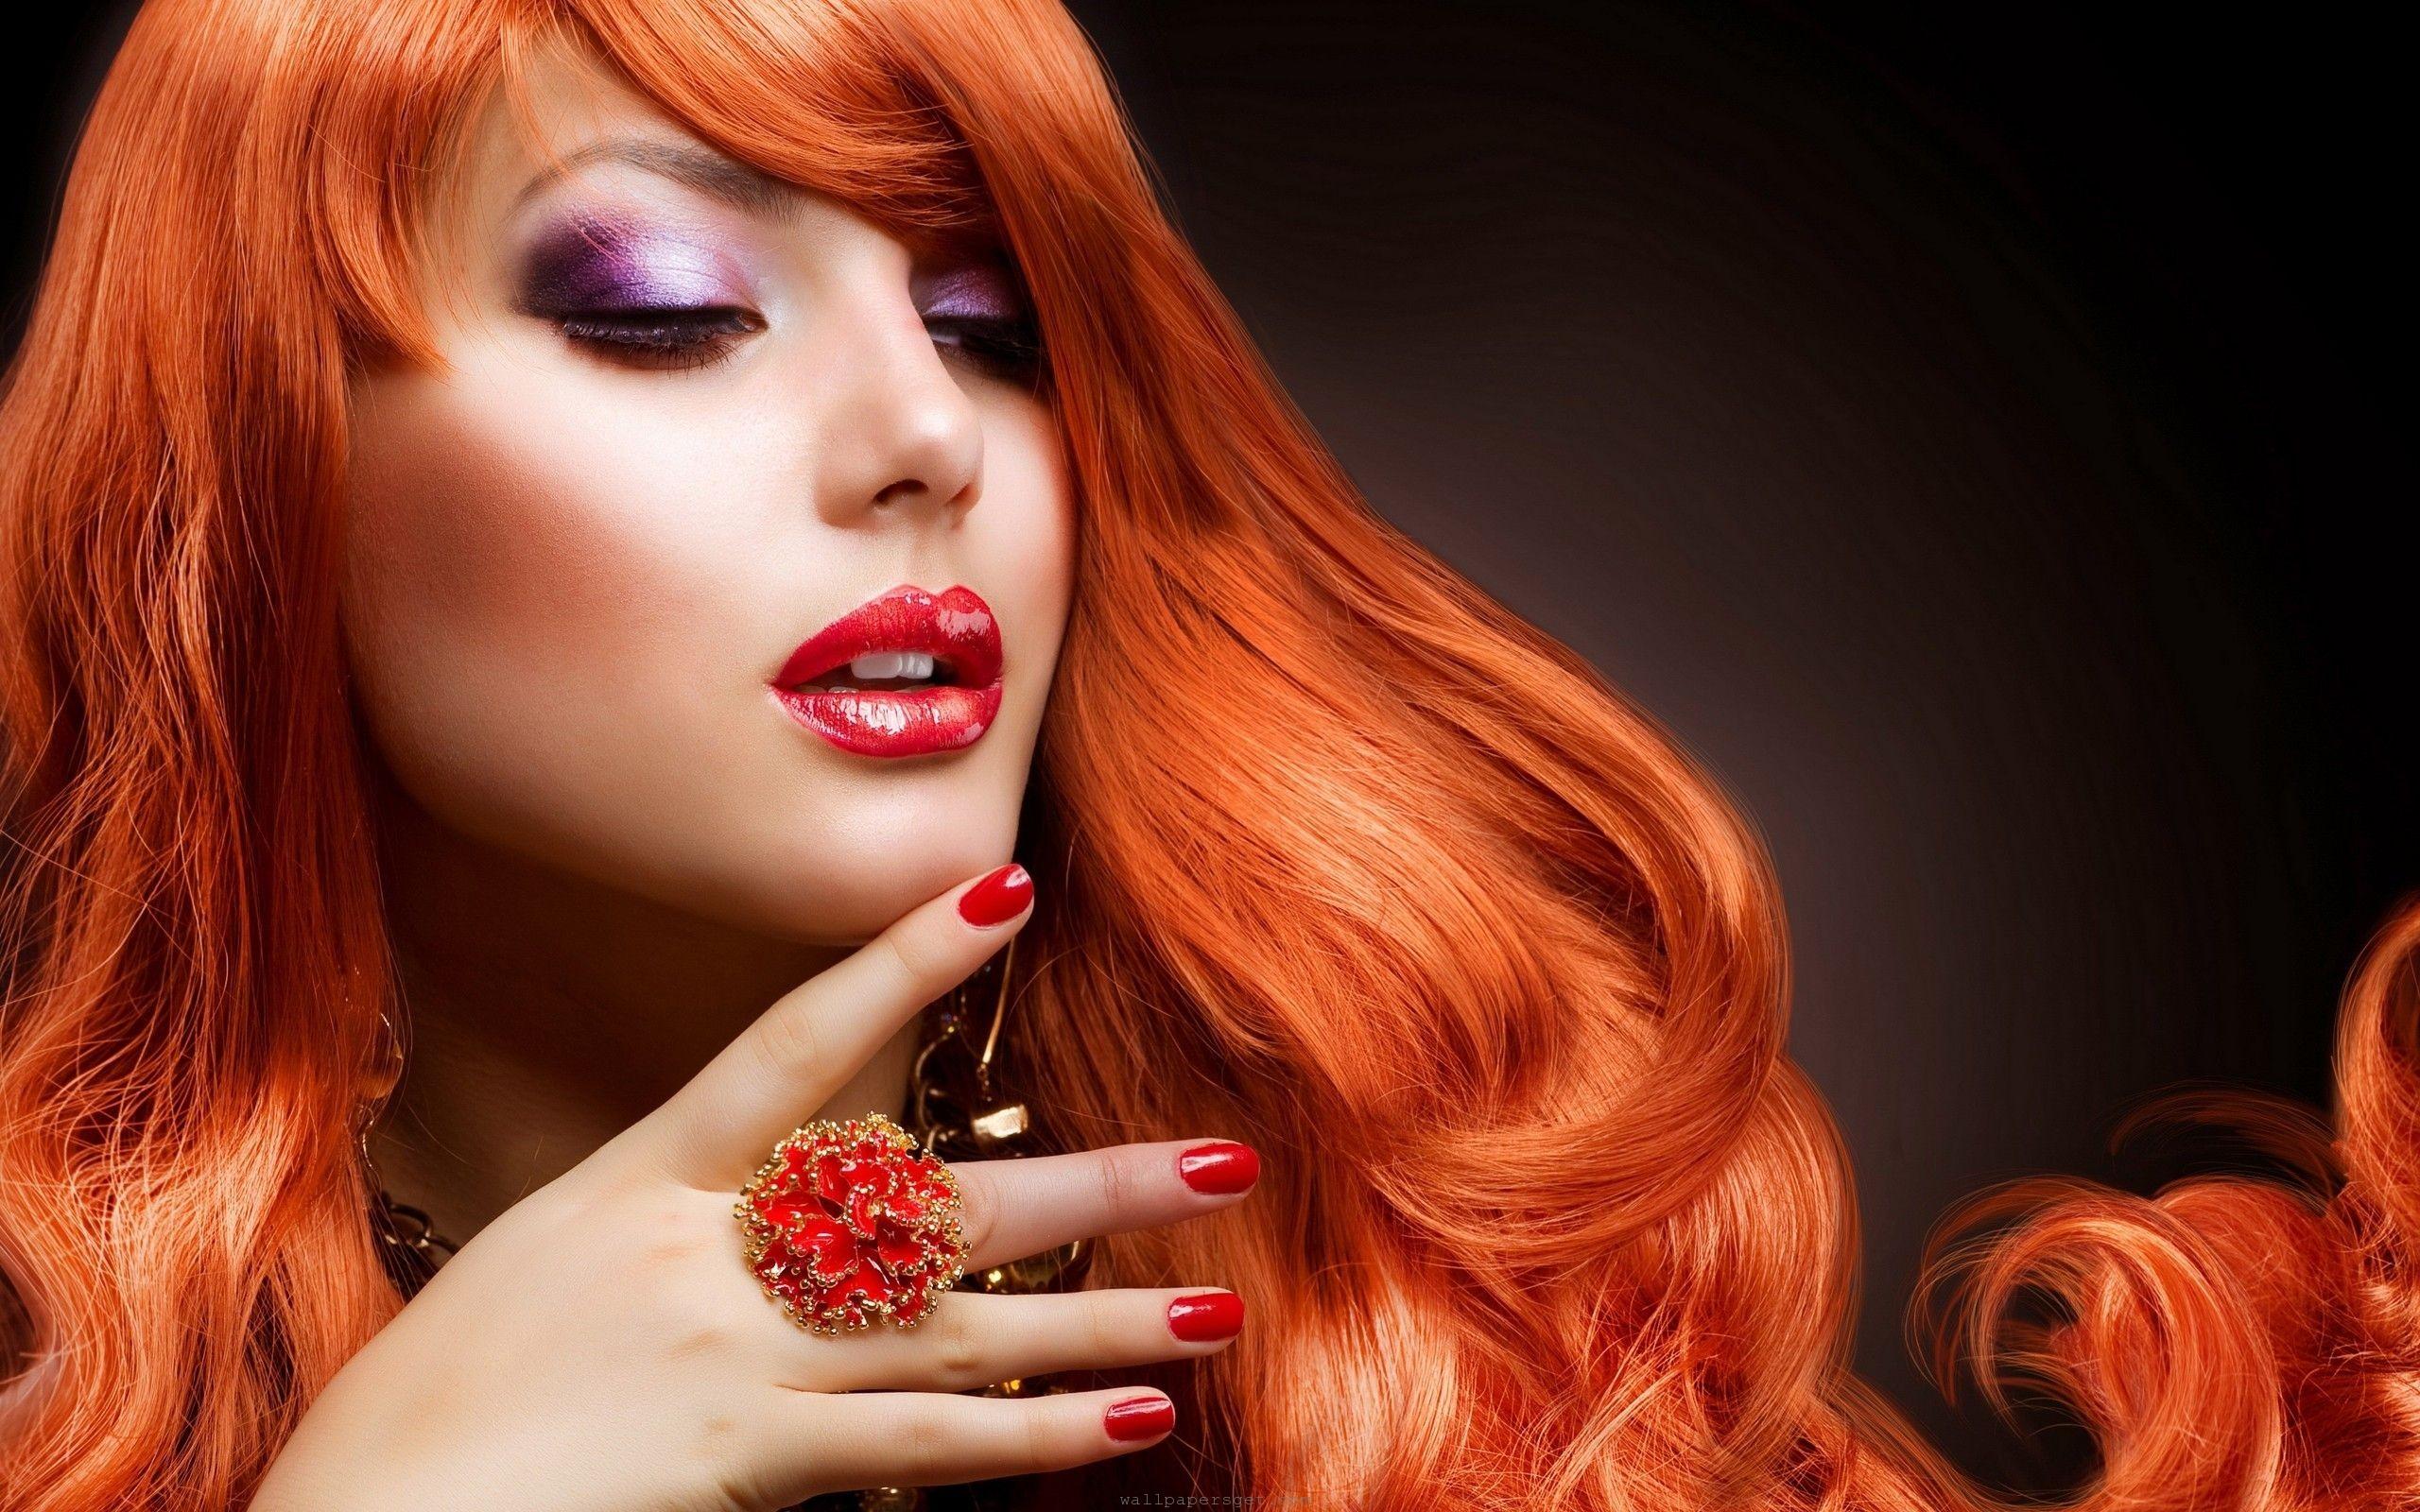 7029235-orange-hair